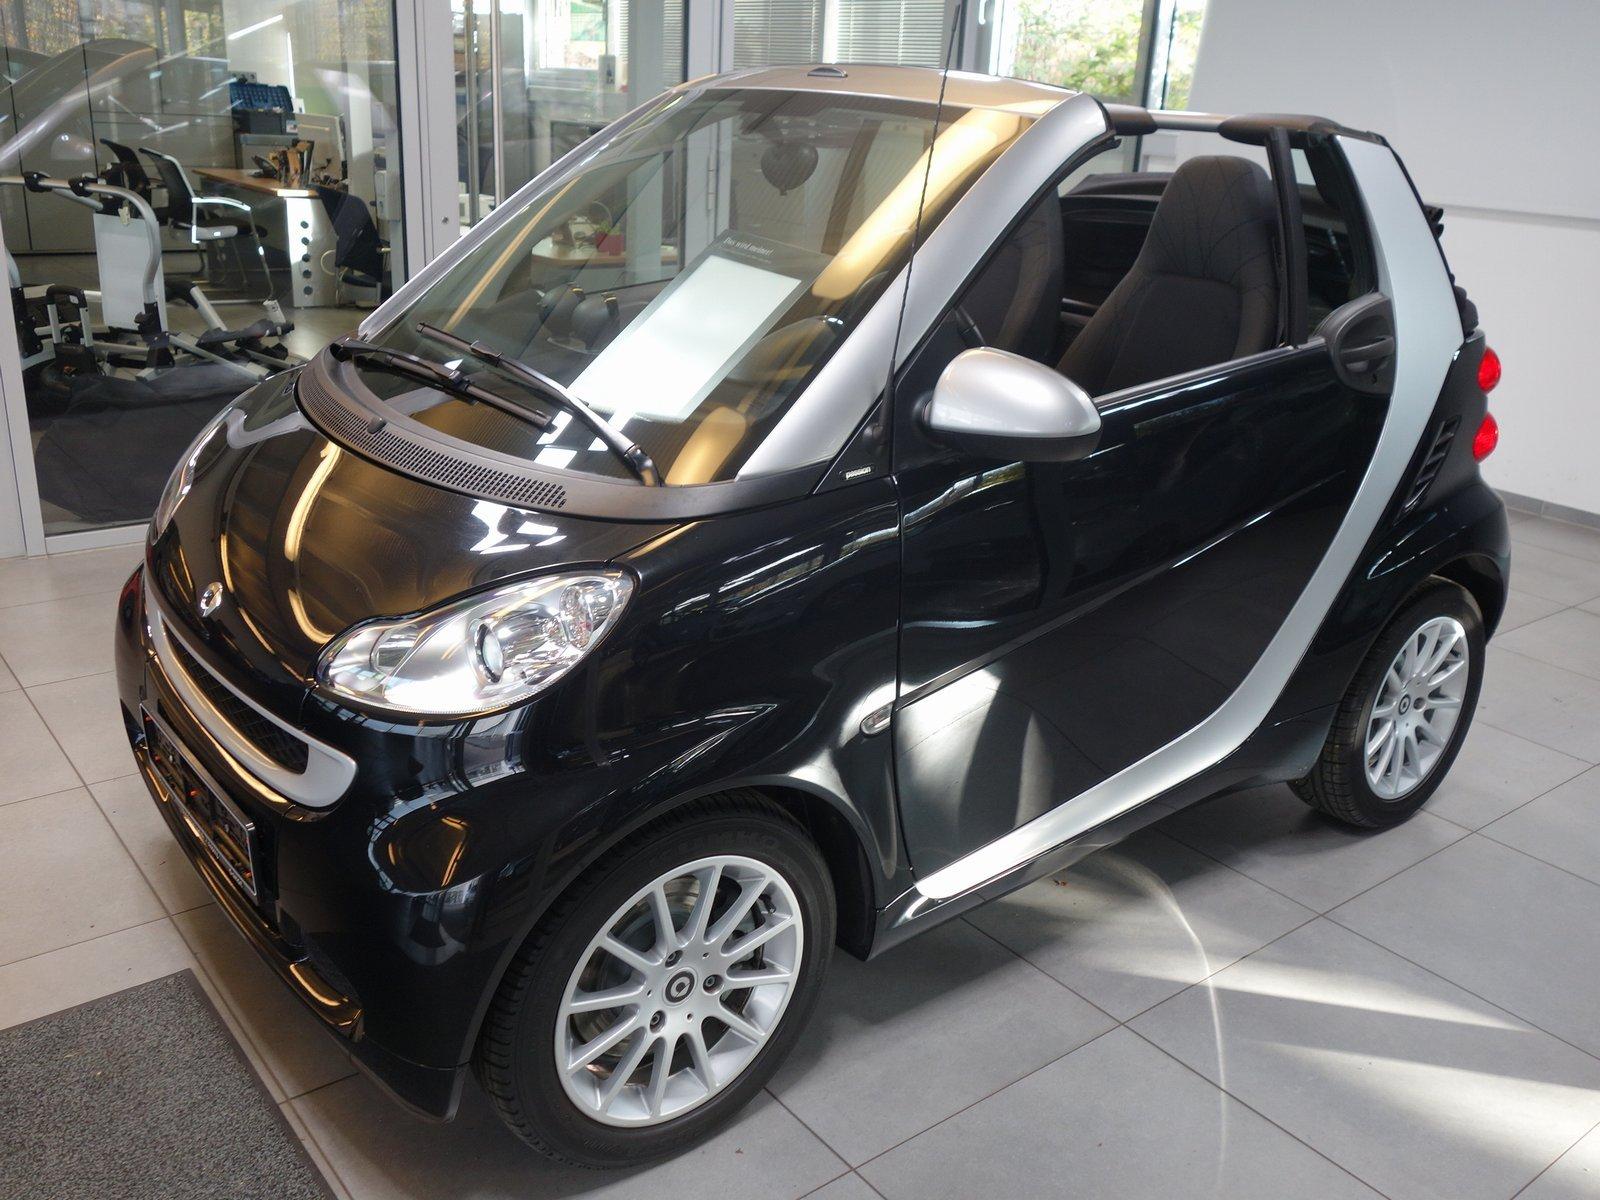 smart fortwo cabrio mhd Passion|Servo|Klima|Sitzheiz., Jahr 2012, Benzin